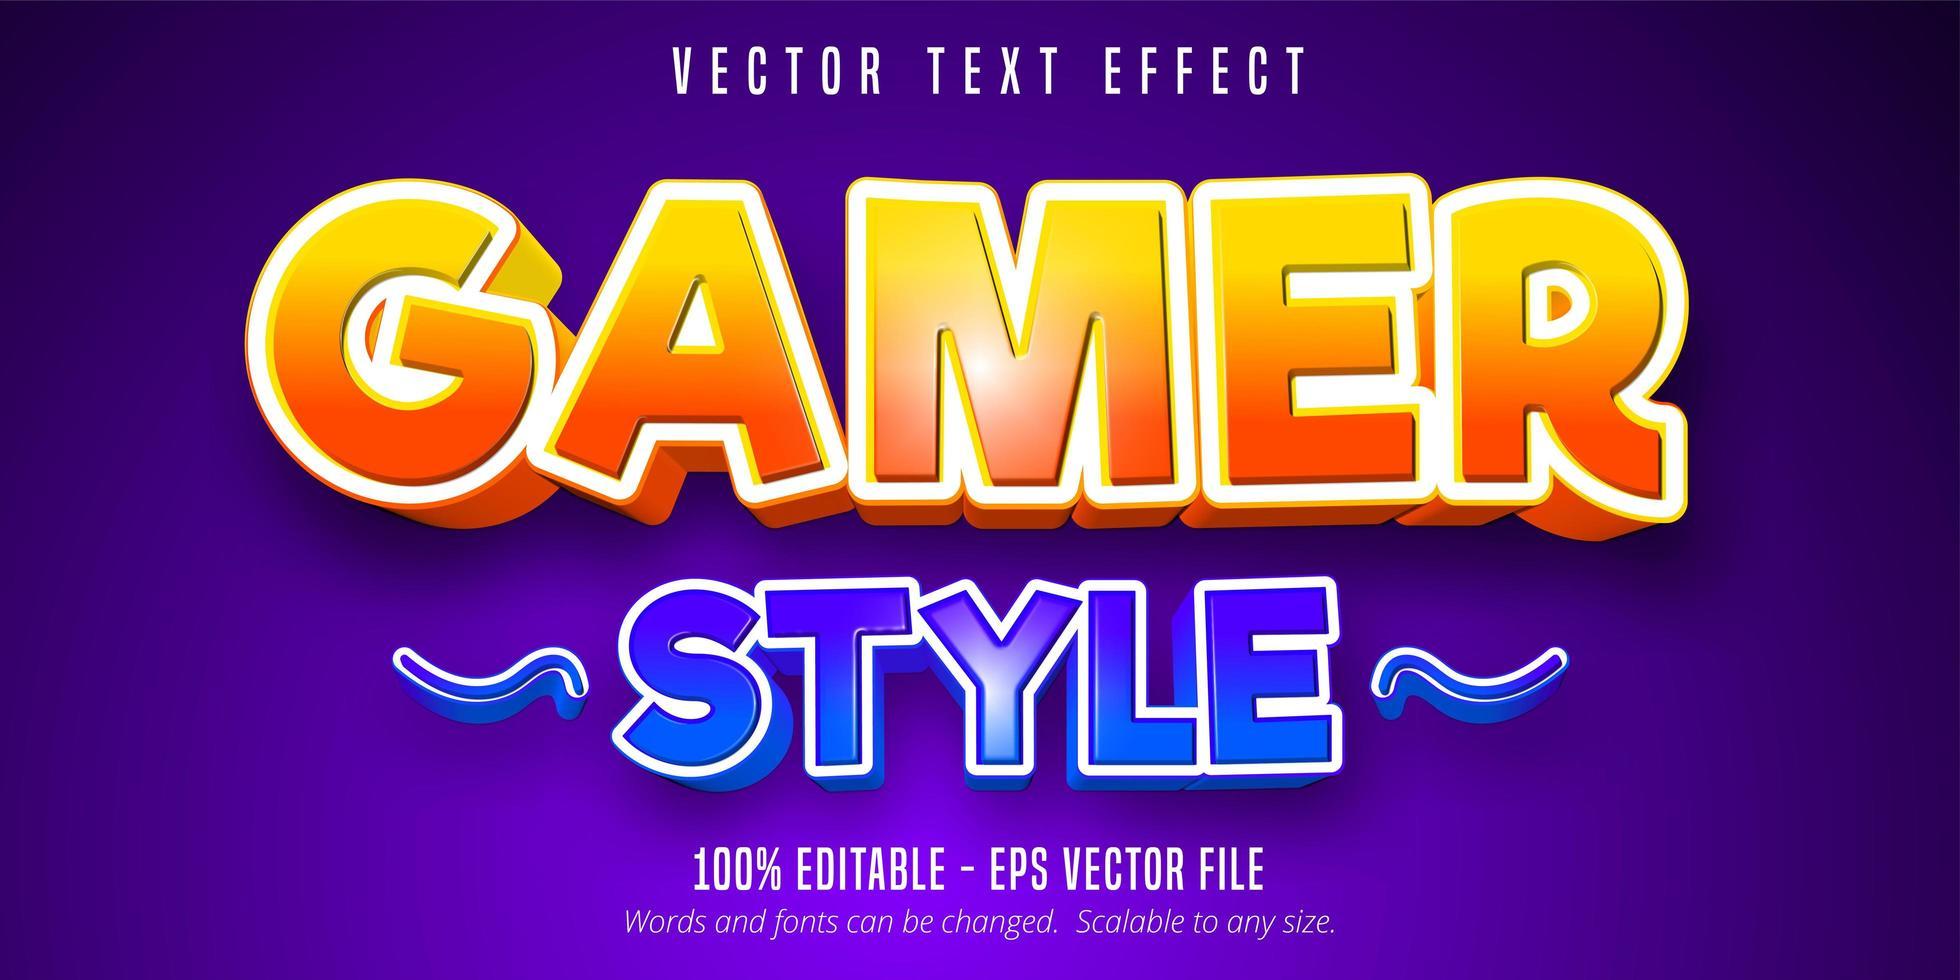 effet de texte modifiable de style joueur vecteur